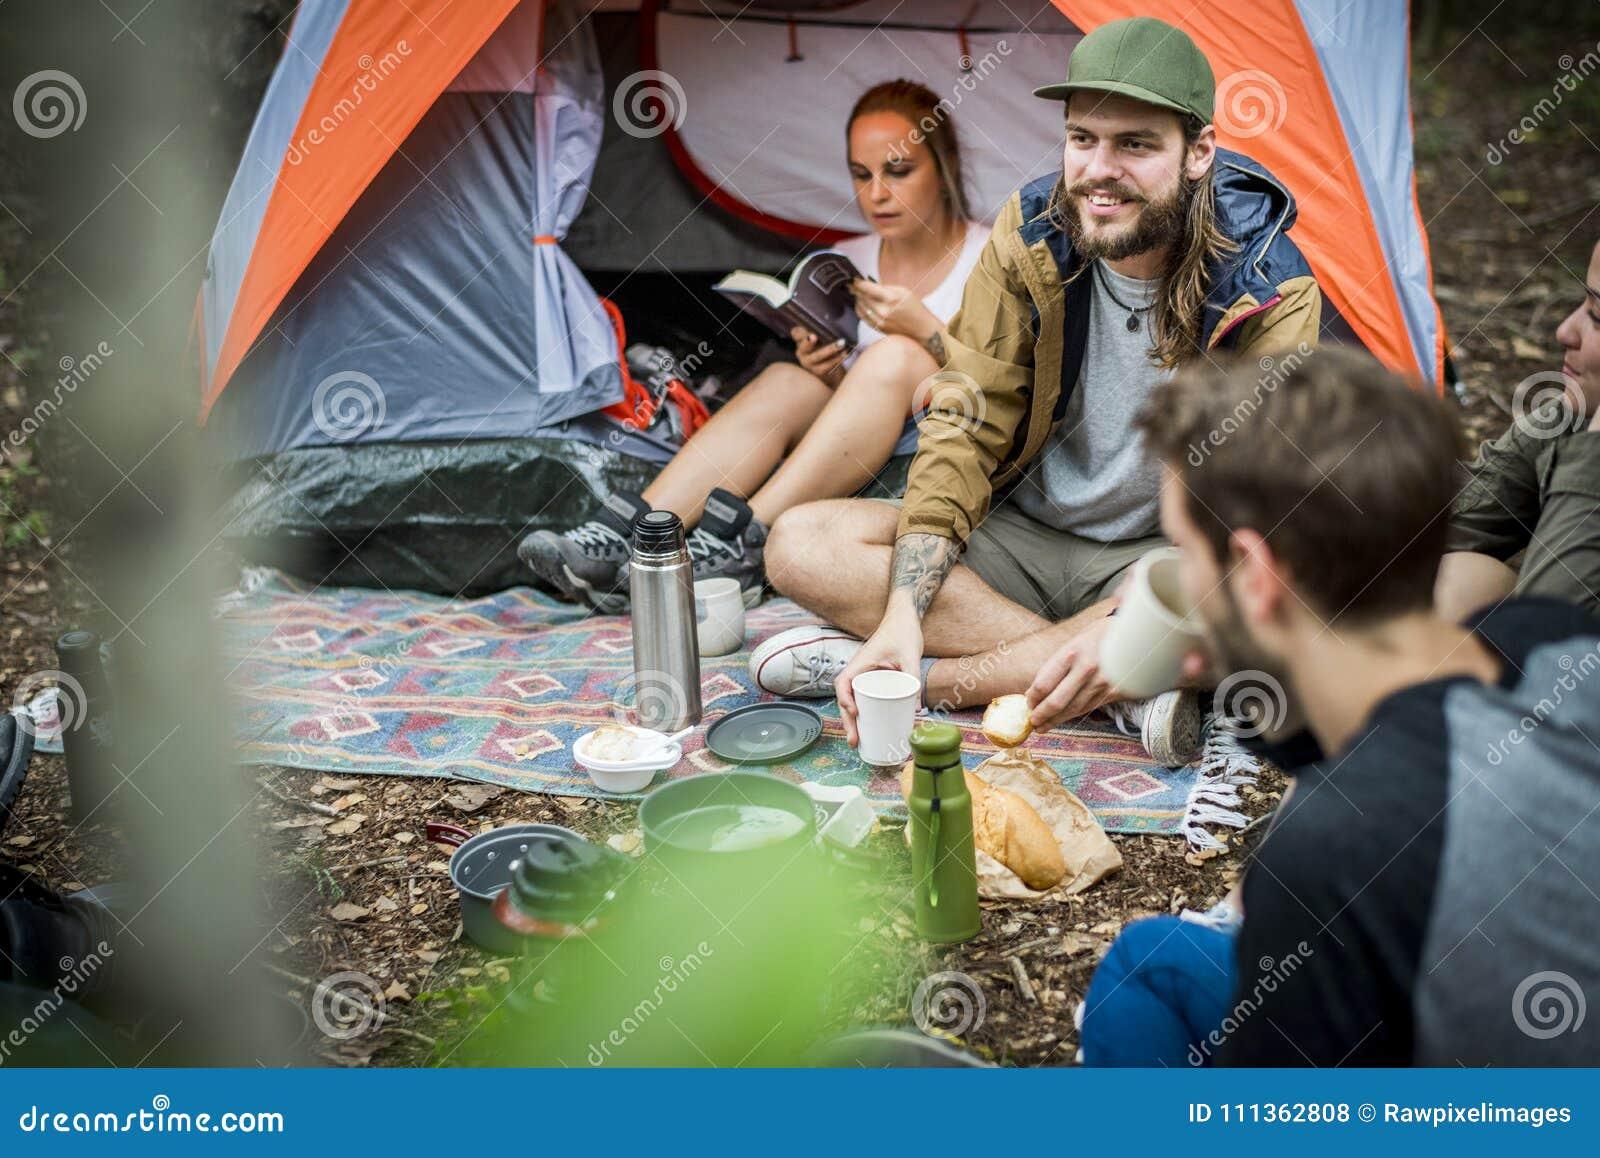 Amici che si accampano insieme nella foresta